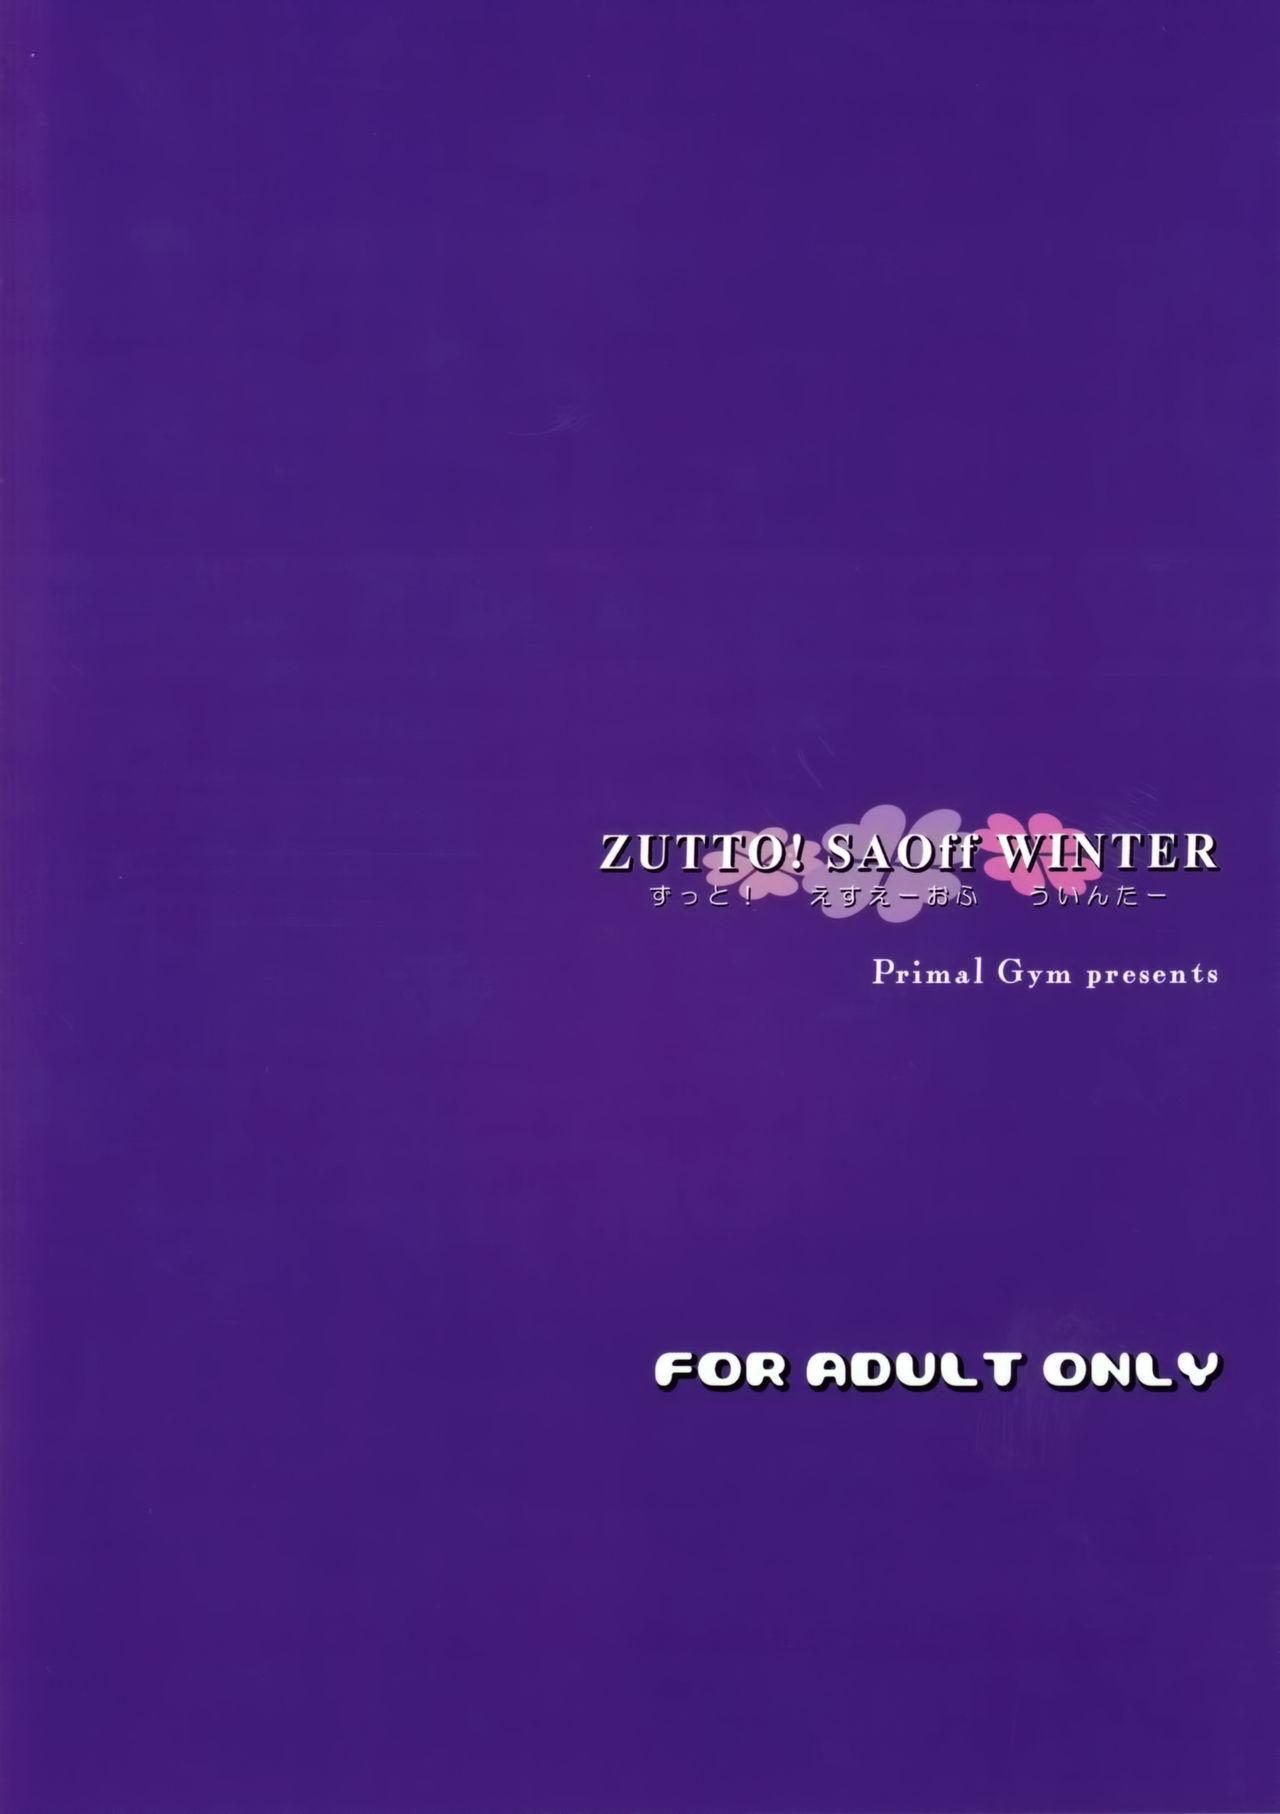 ZUTTO! SAOff WINTER 22